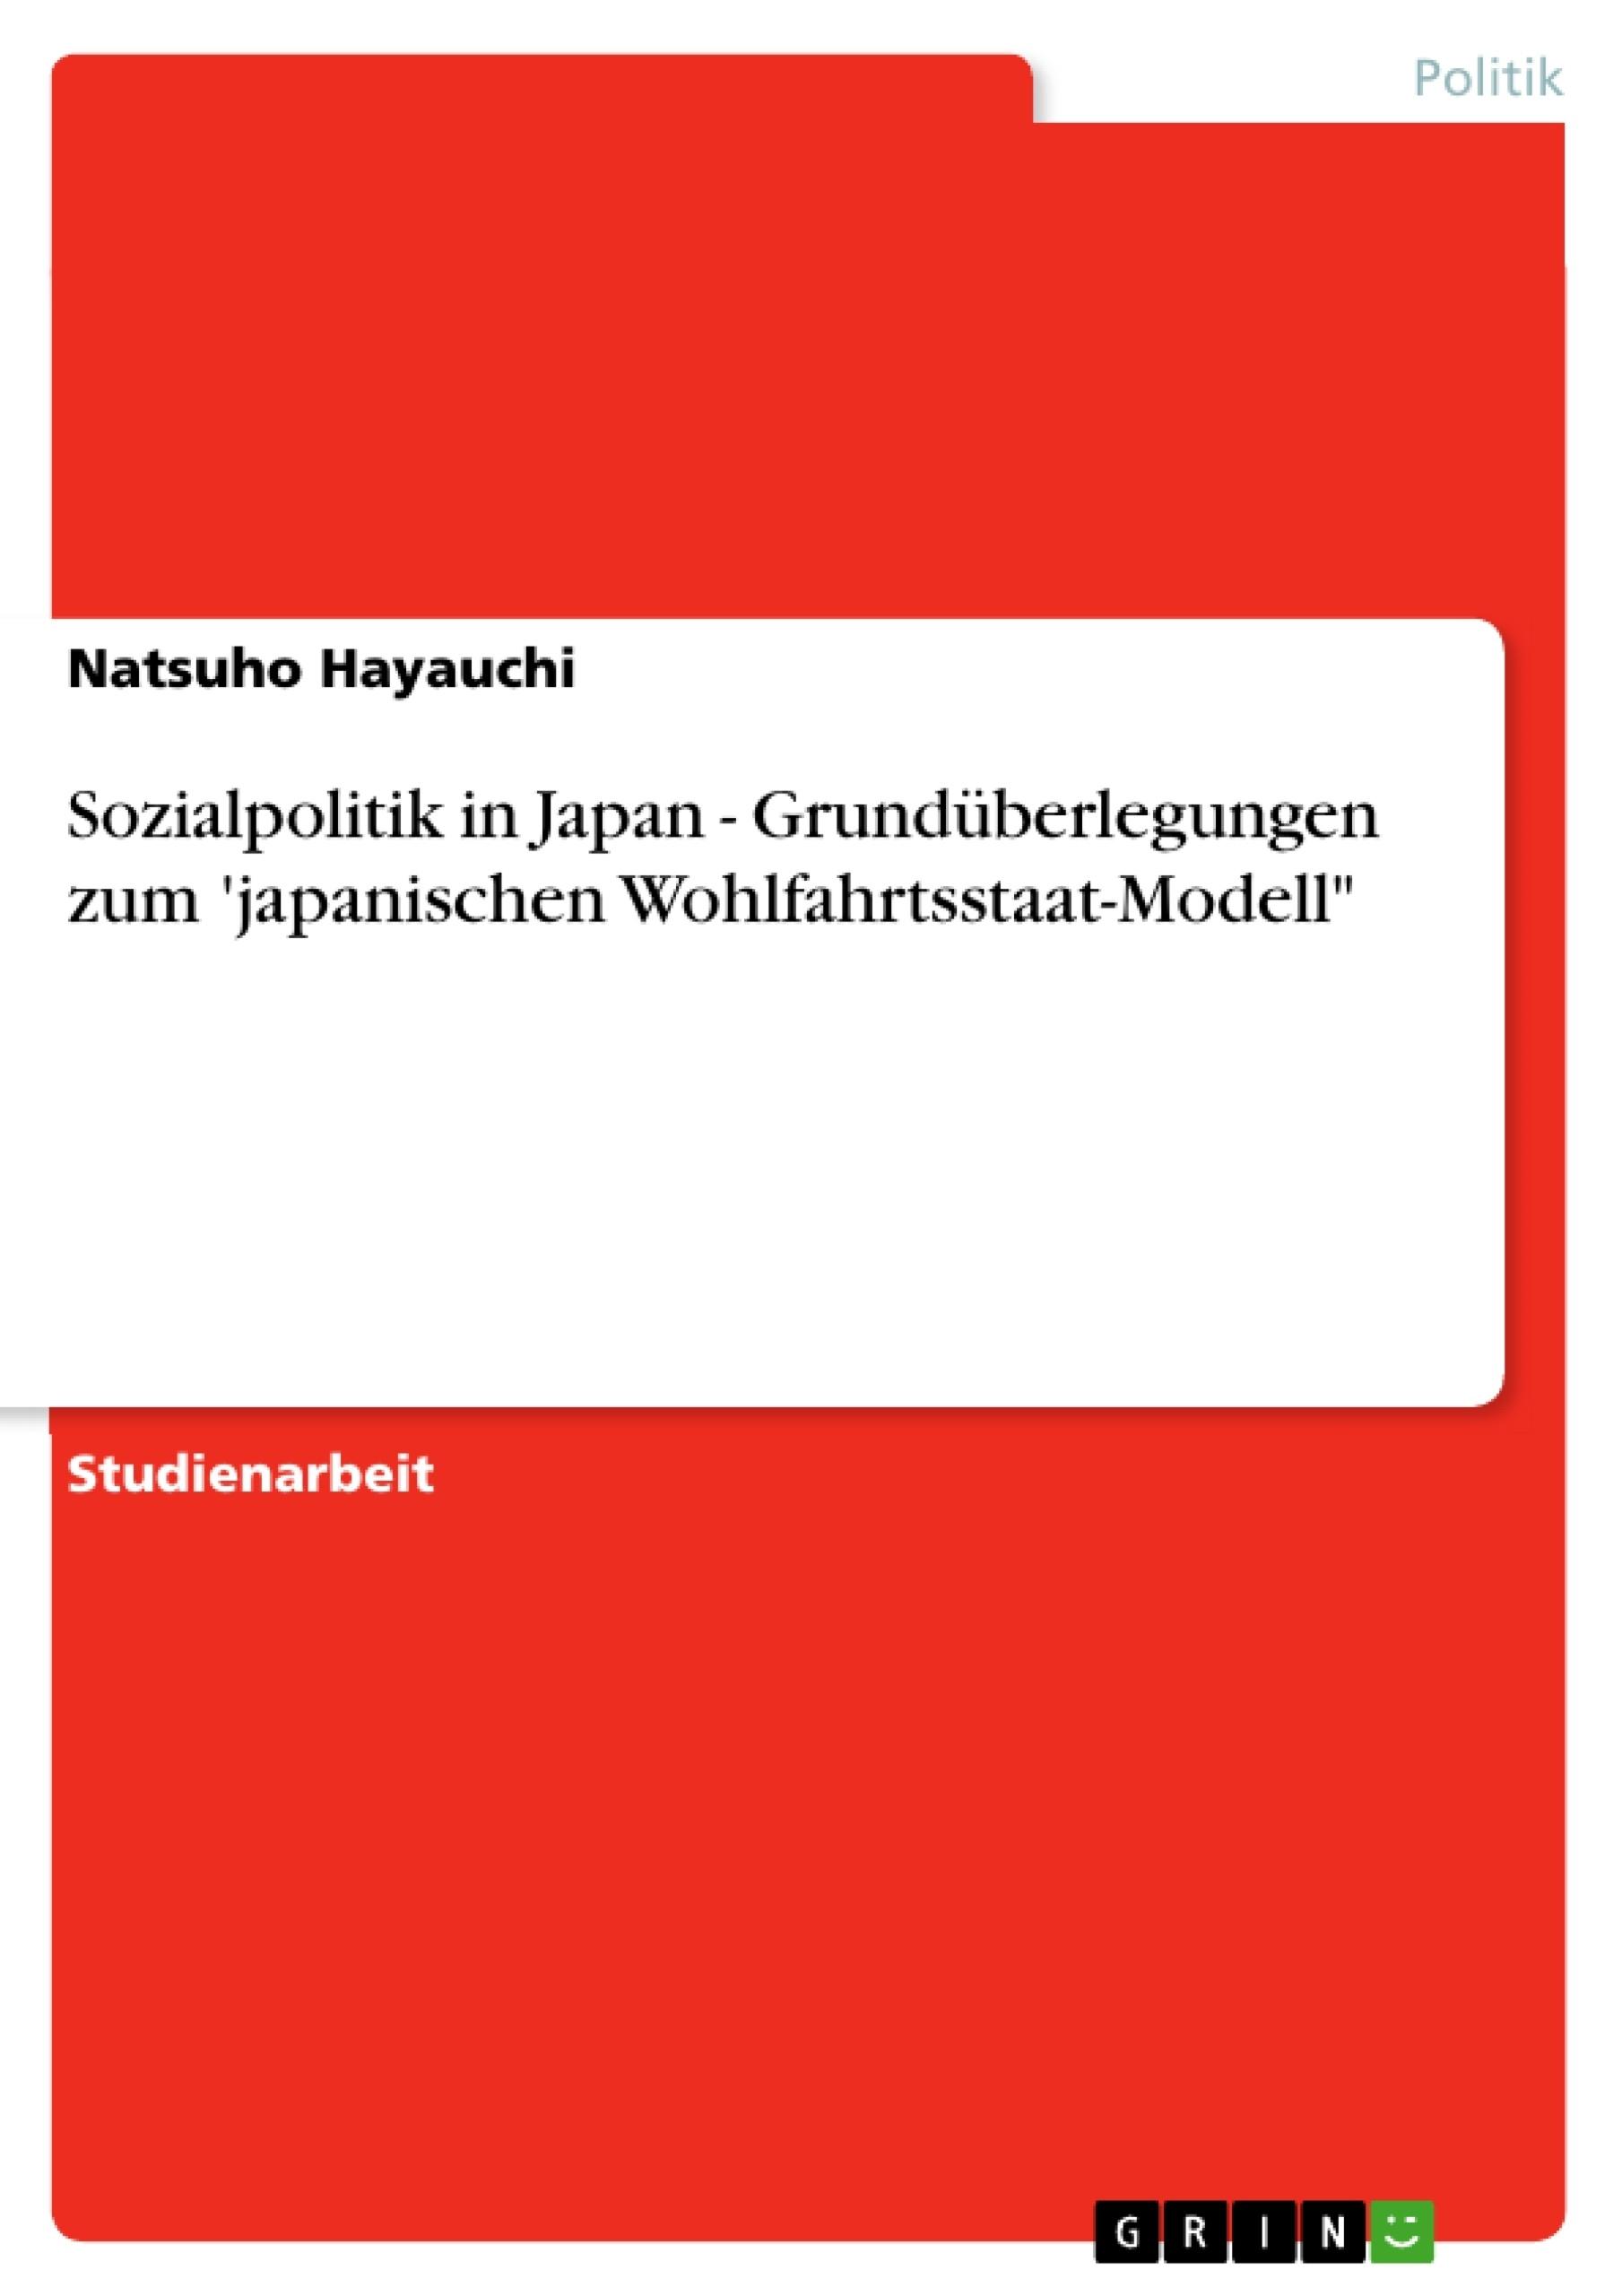 """Titel: Sozialpolitik in Japan - Grundüberlegungen zum 'japanischen Wohlfahrtsstaat-Modell"""""""